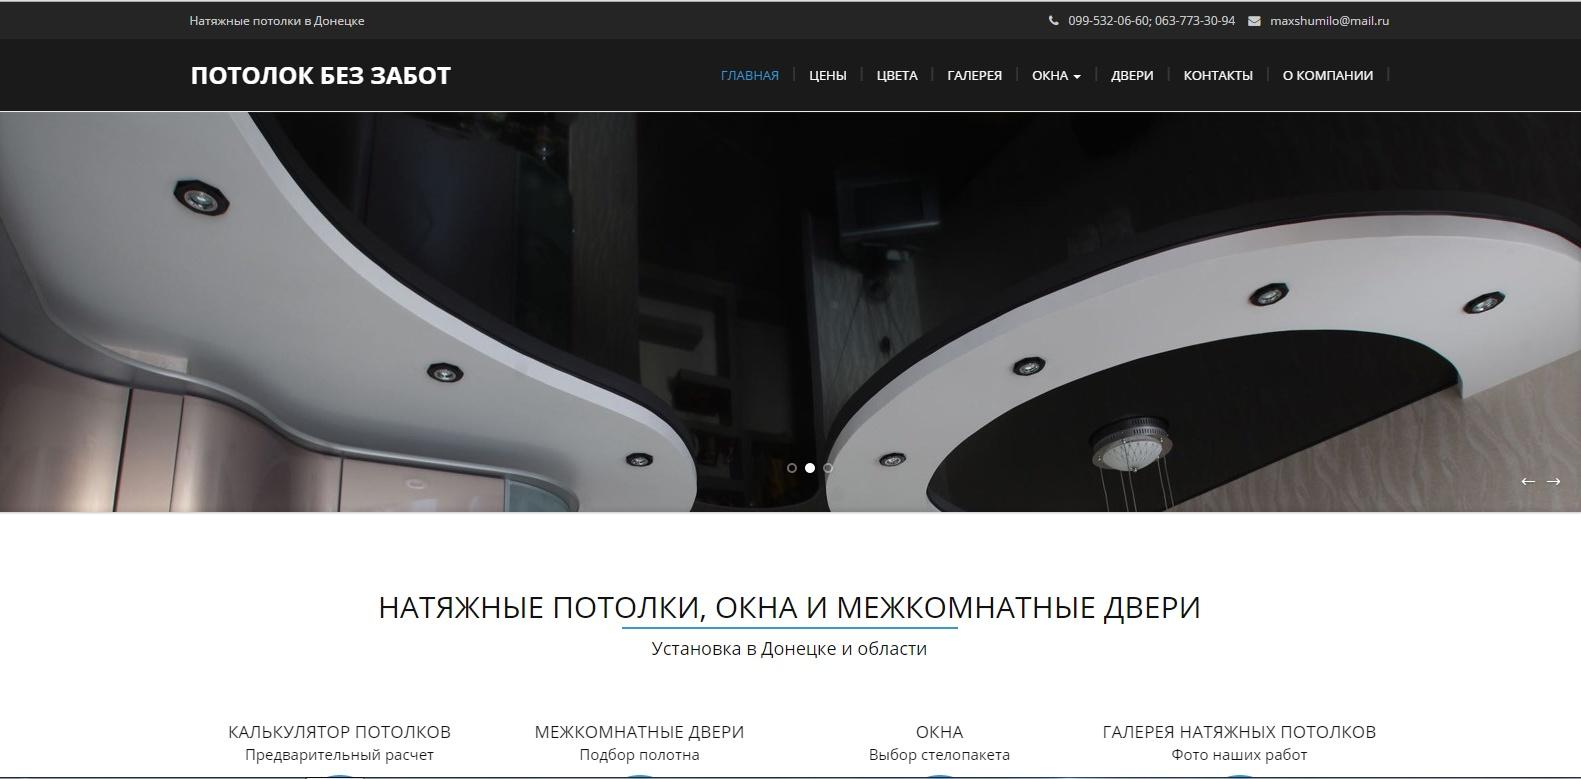 sajt-natyazhnyx-potolkov